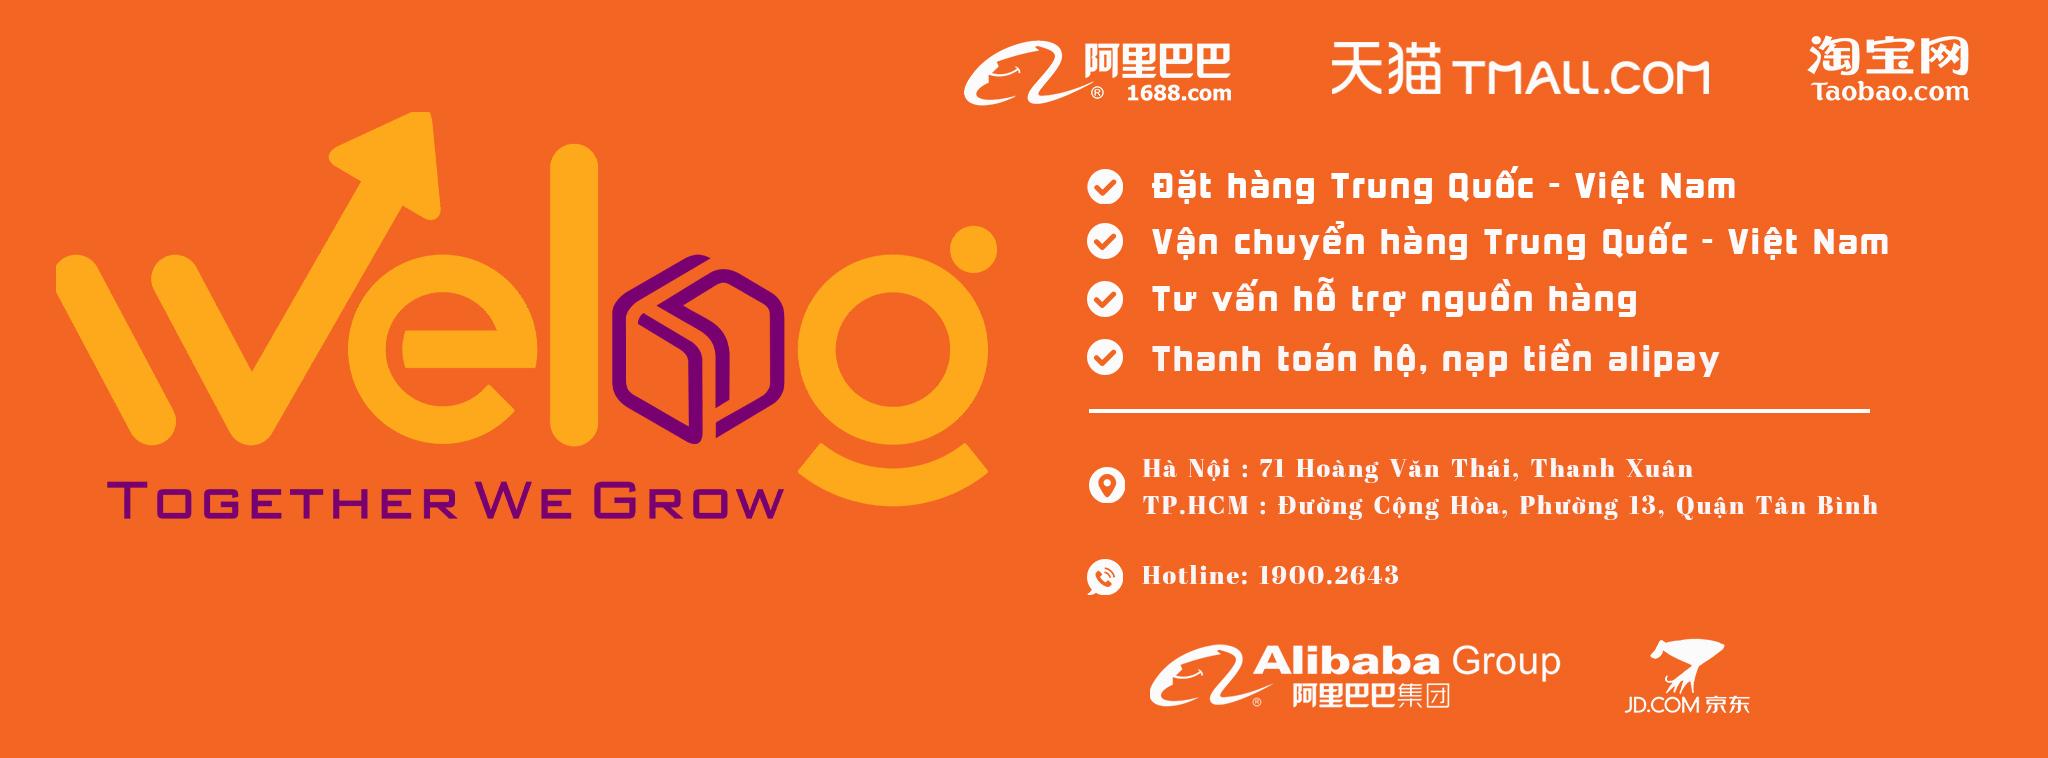 Trang mua hàng taobao 1688 uy tín giá rẻ tại Hà Nội